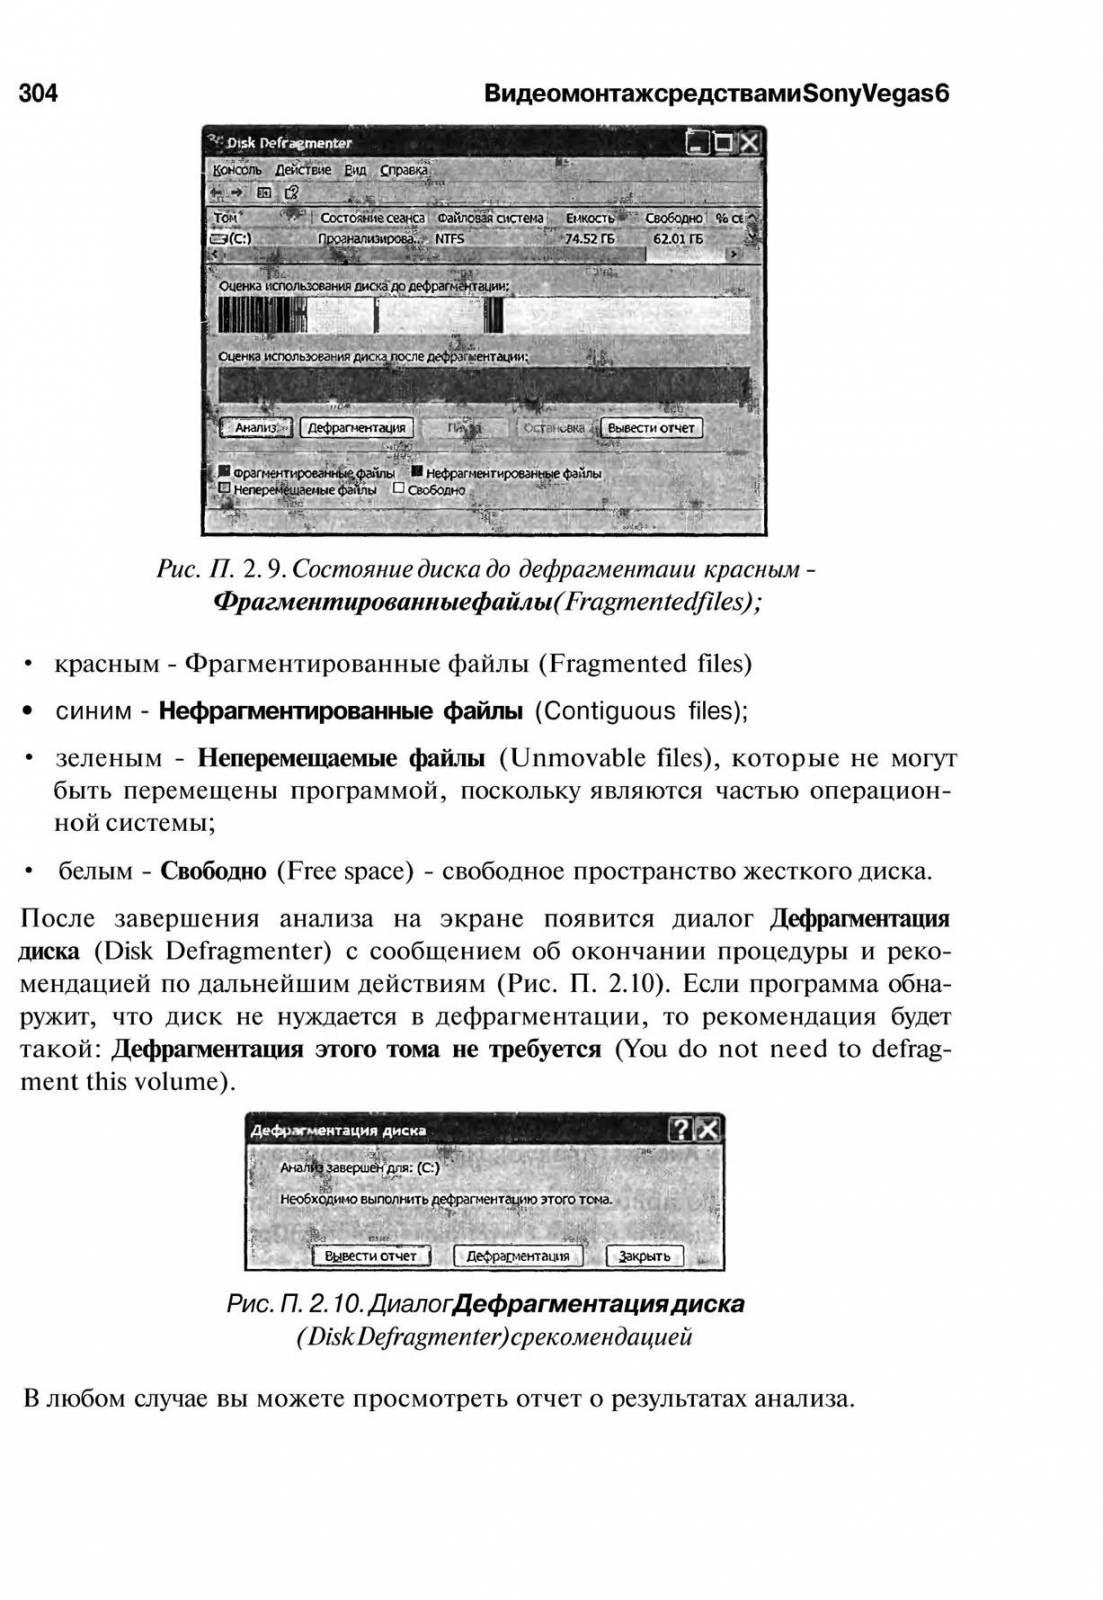 http://redaktori-uroki.3dn.ru/_ph/14/292294412.jpg